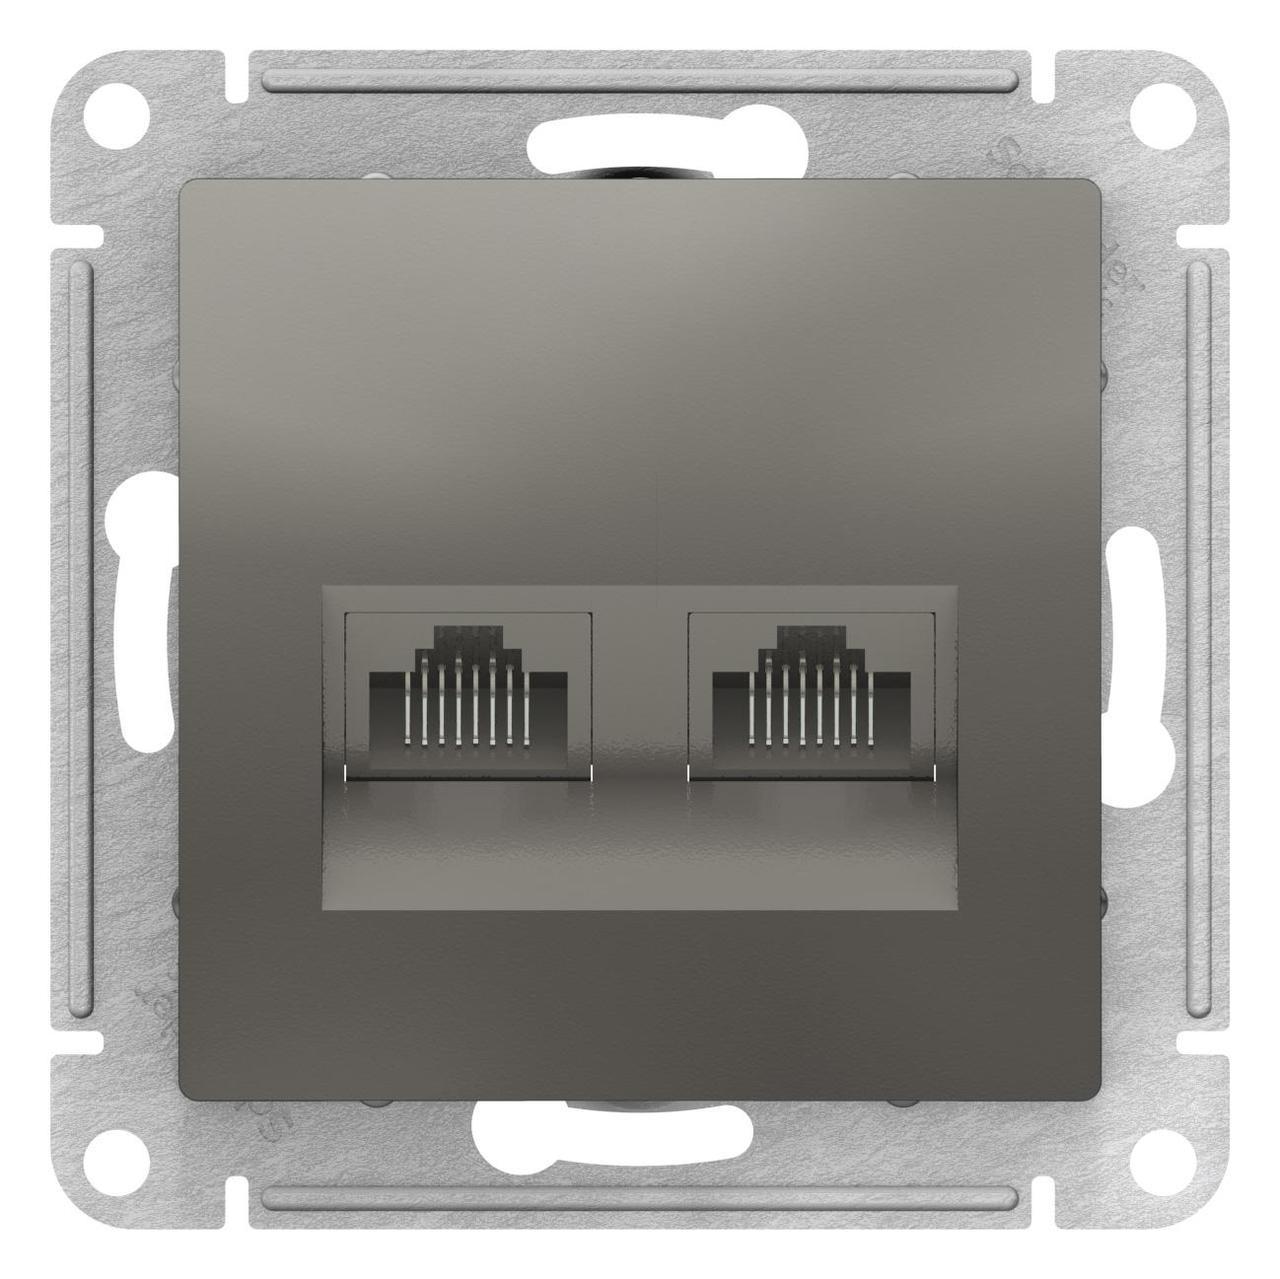 Розетка компьютерная 2-ая кат.5е, RJ-45 (интернет) , Сталь, серия Atlas Design, Schneider Electric